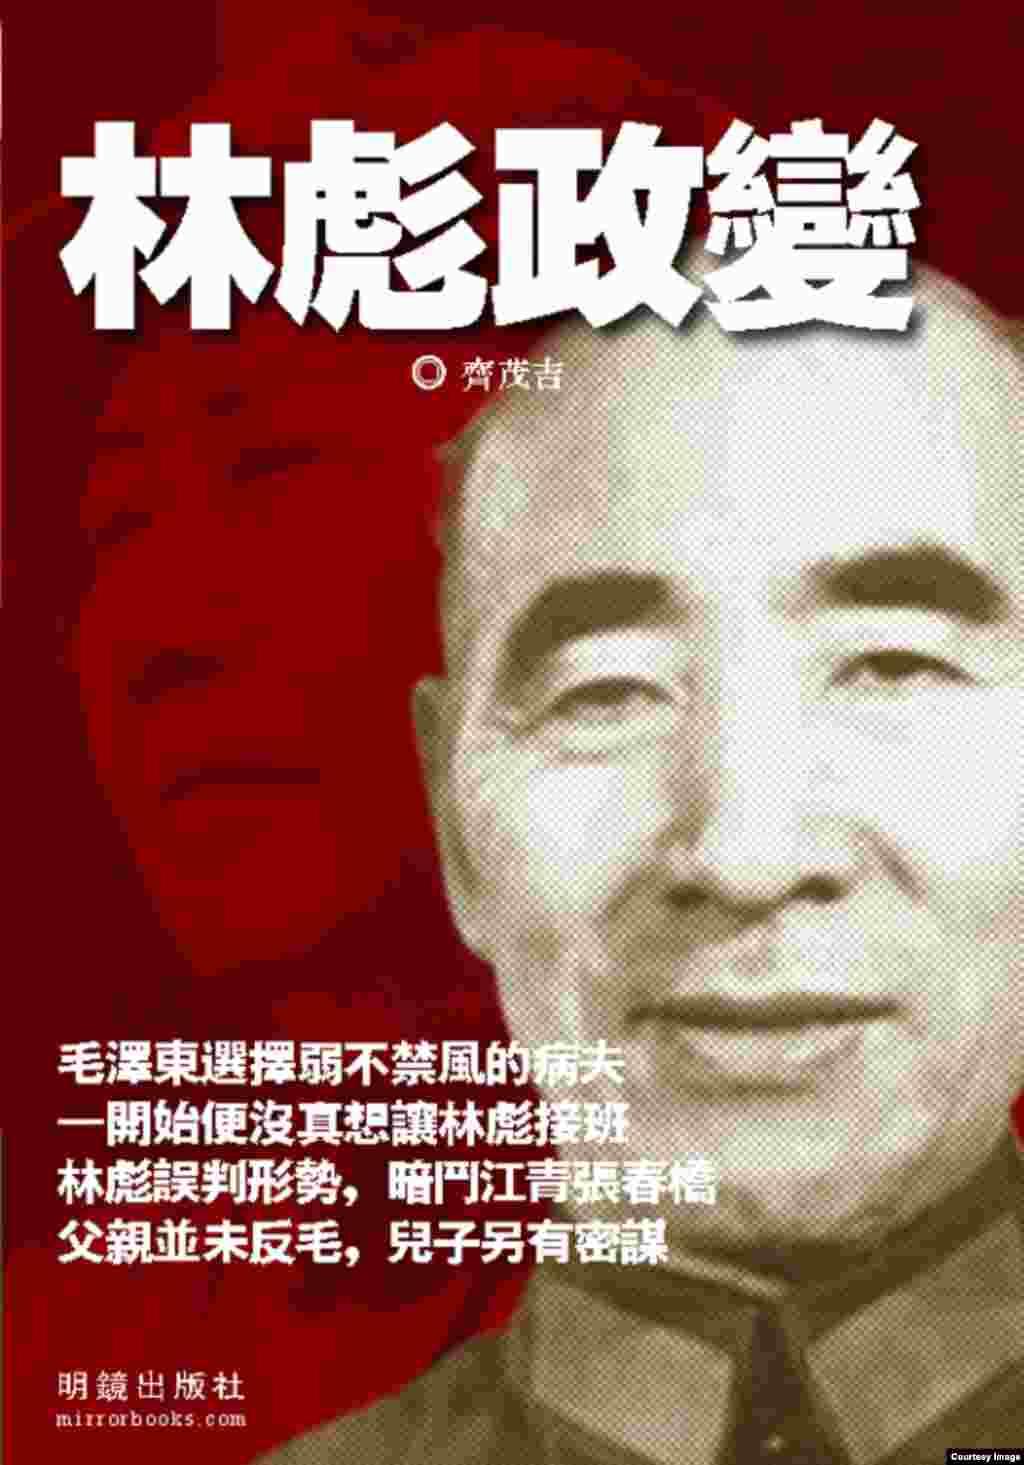 """美国明镜出版社2017年3月出版的《林彪政变》一书的封面。作者齐茂吉写道, 毛泽东从头到尾从未打算找病夫林彪当接班人 ,""""毛也刻意扶植张春桥来制衡林彪,以扩大两人之间的矛盾。"""""""